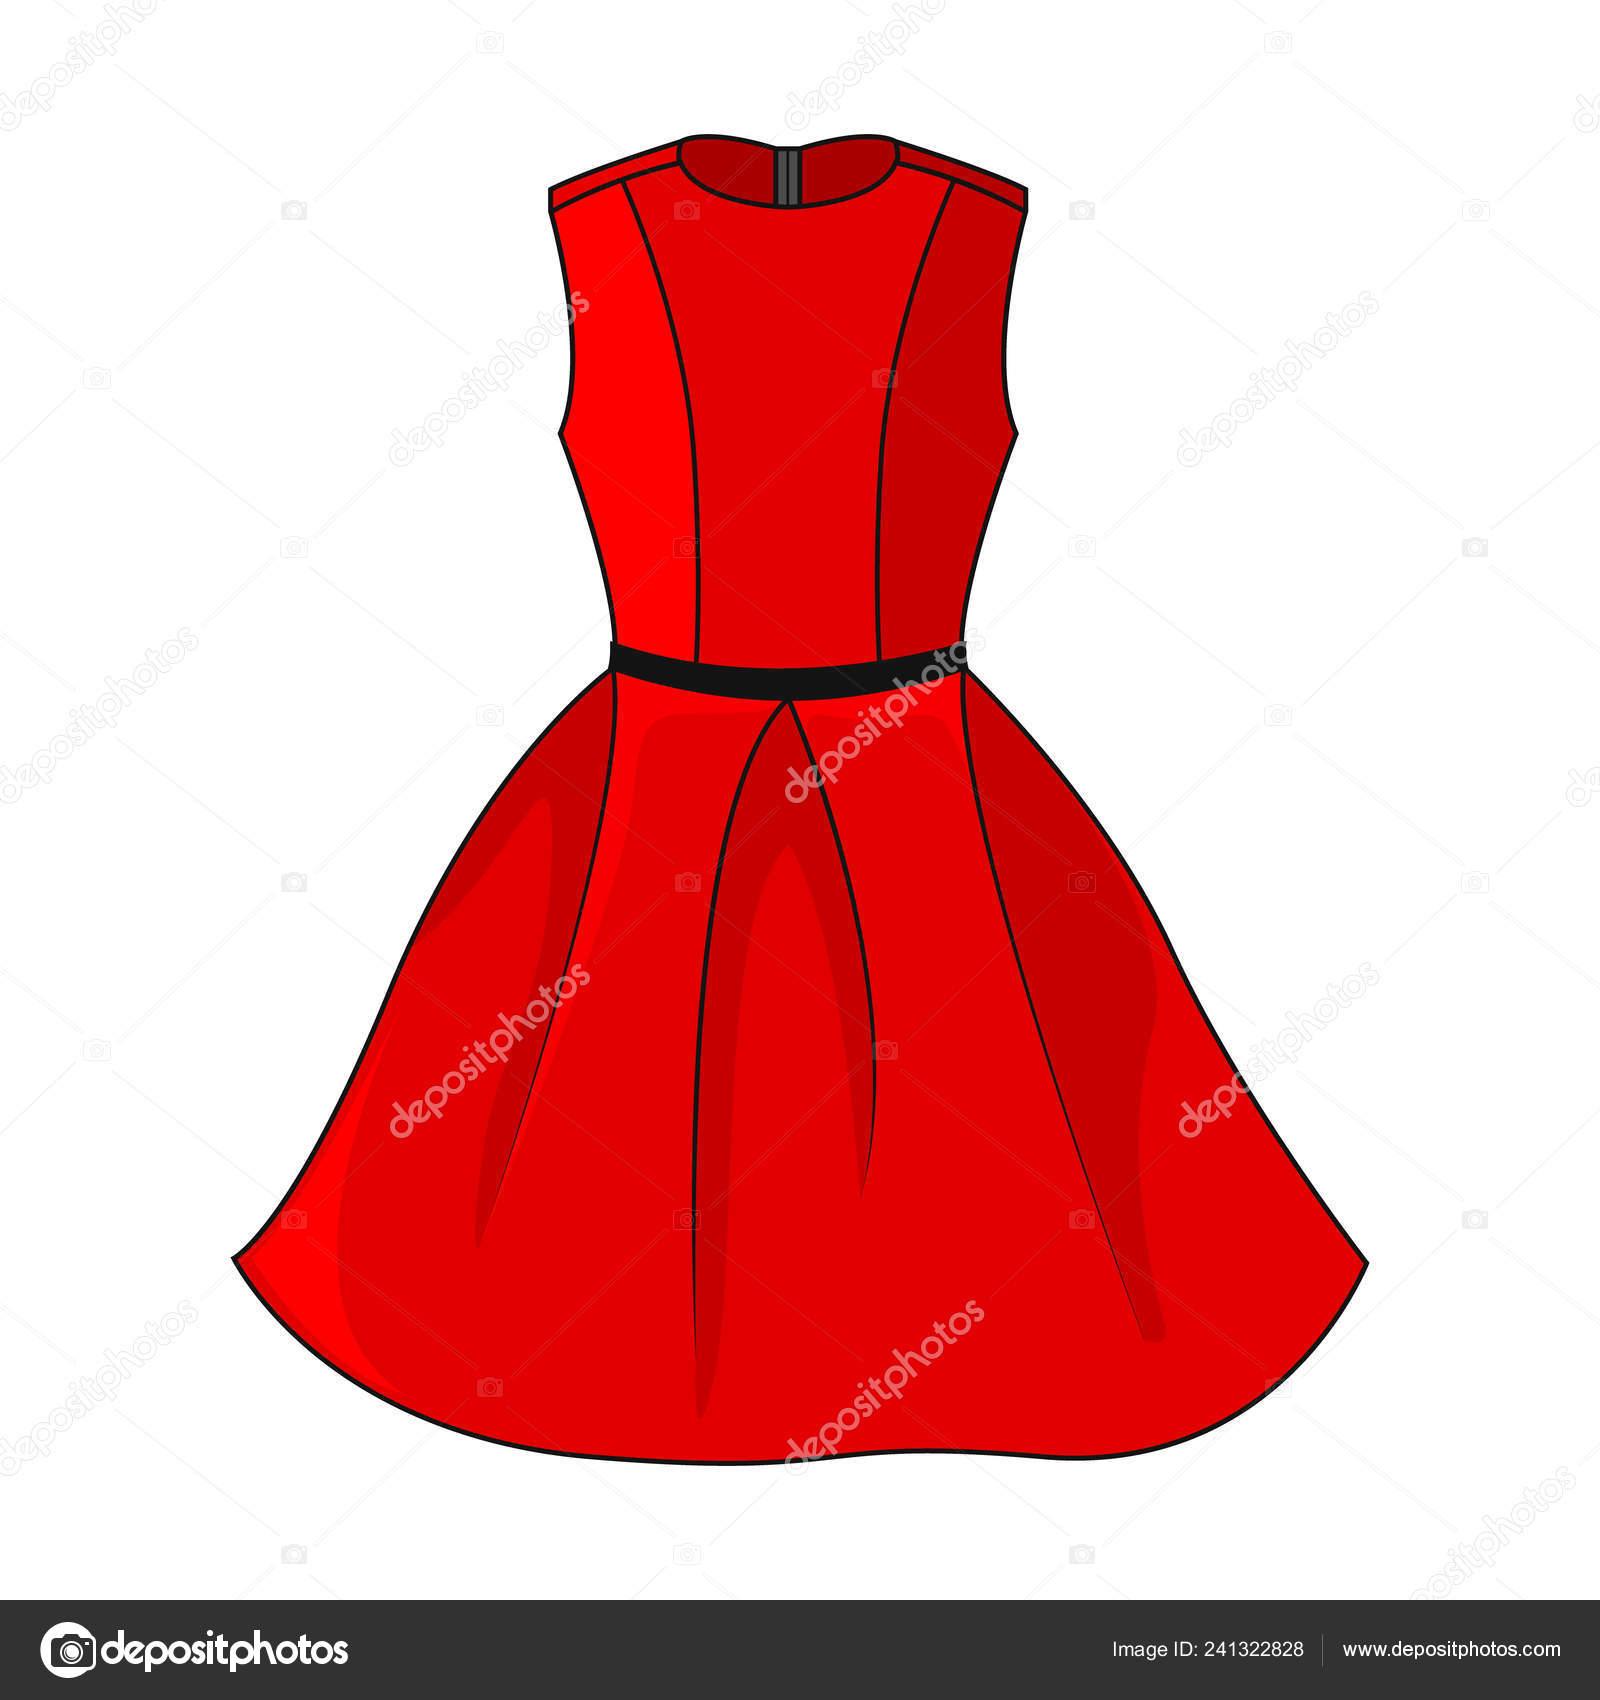 096bf50c8ad5 Elegantní Červené Šaty Ikona Krásné Krátké Červené Šaty Páskem Černá ...